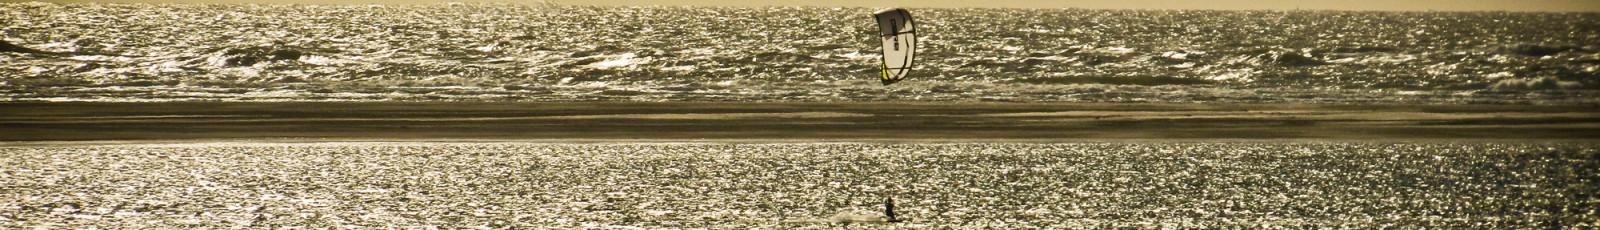 cropped-kite2.jpg